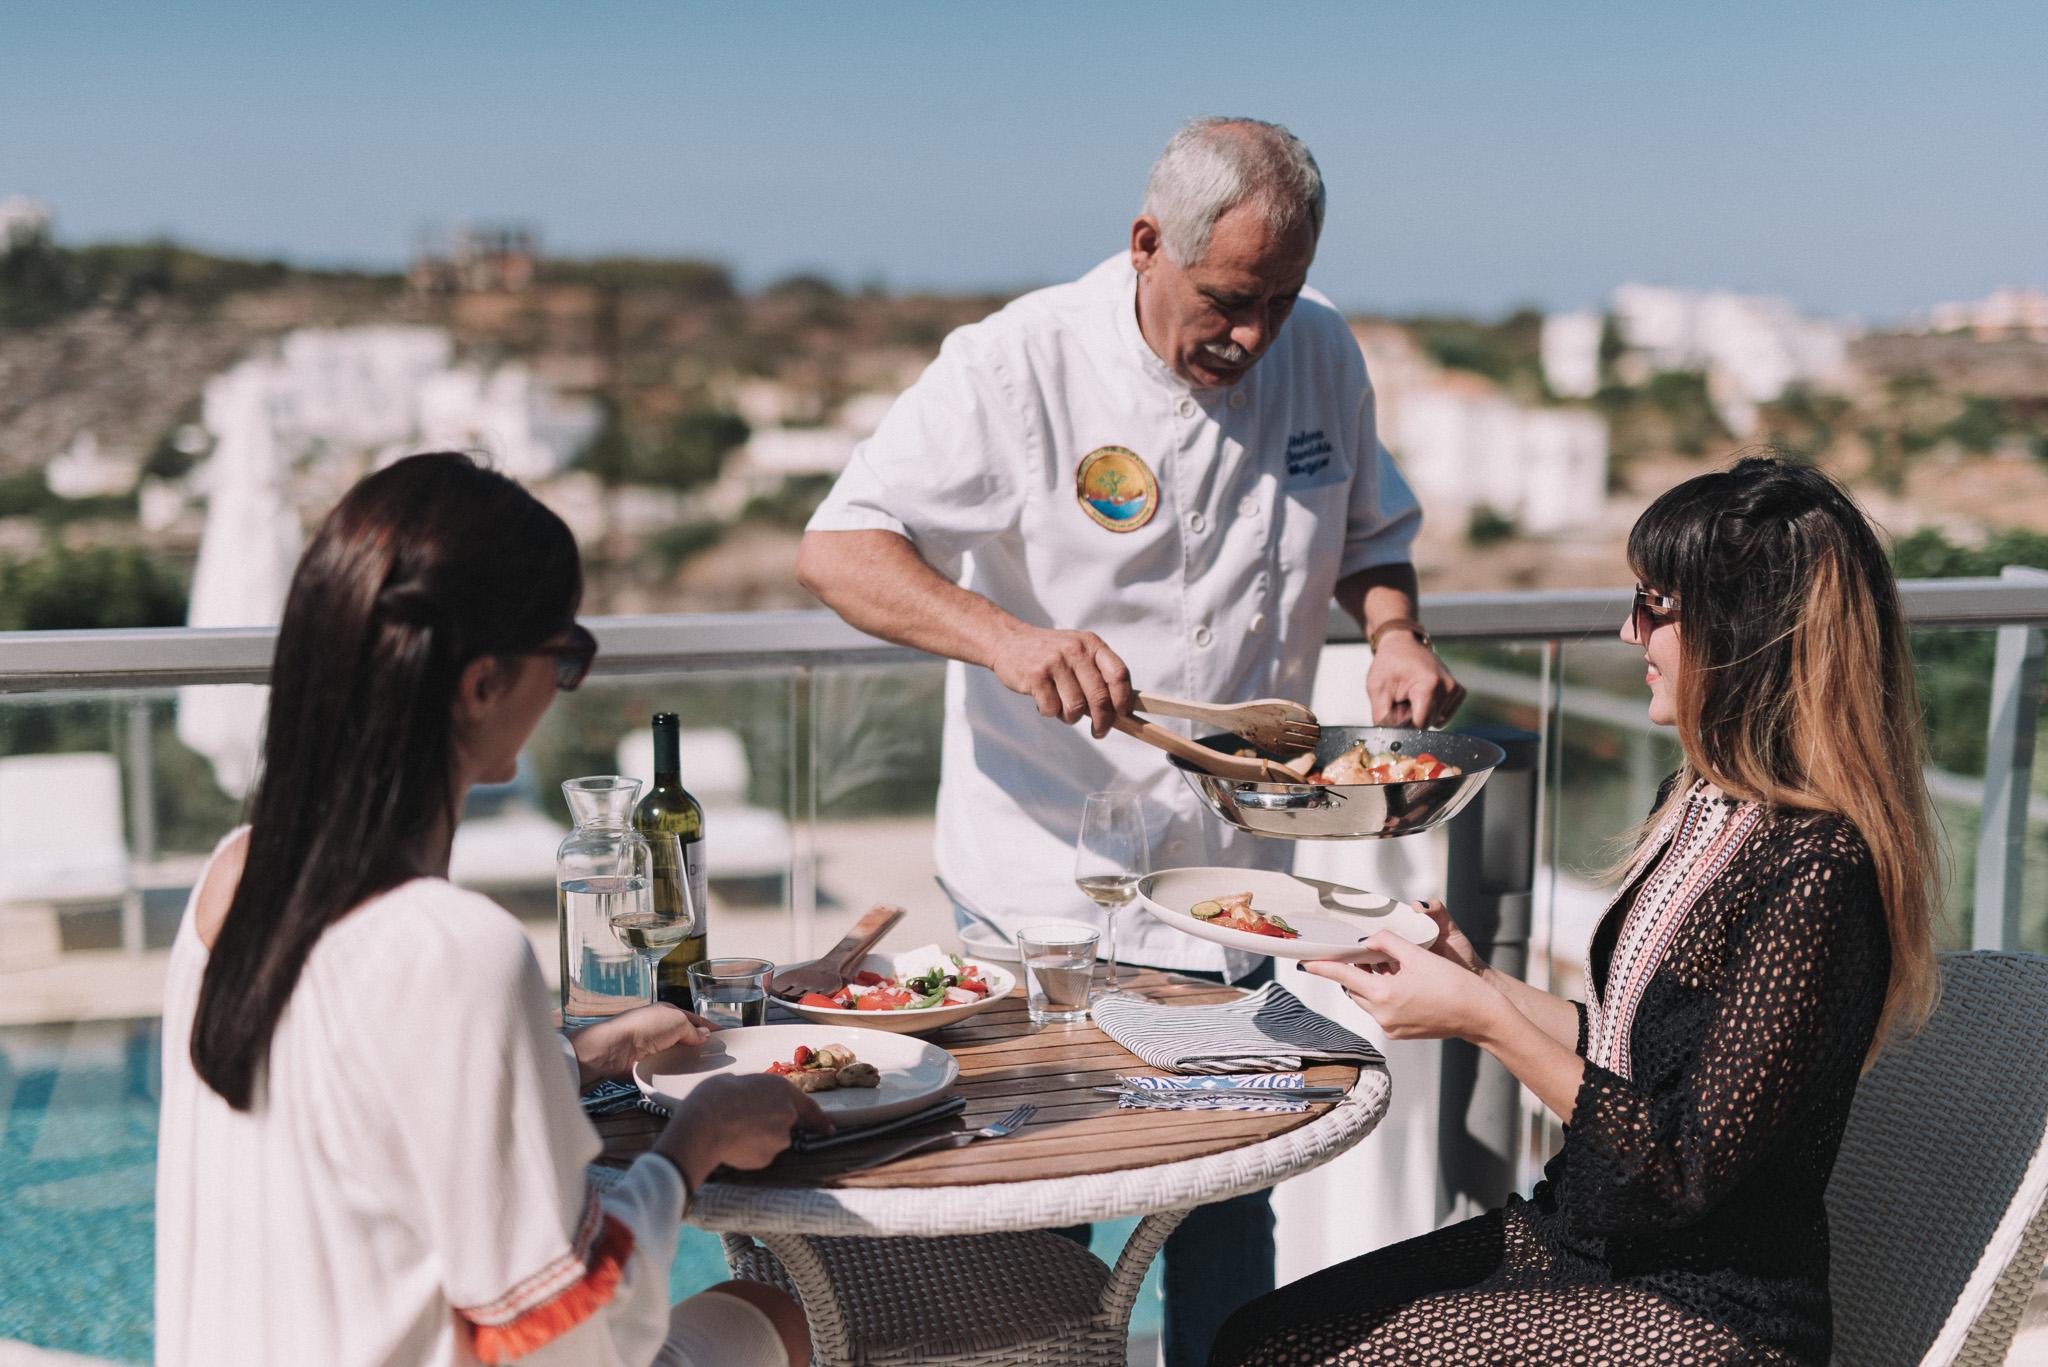 Private dinner at Villa in Chania Crete Greece with Chef